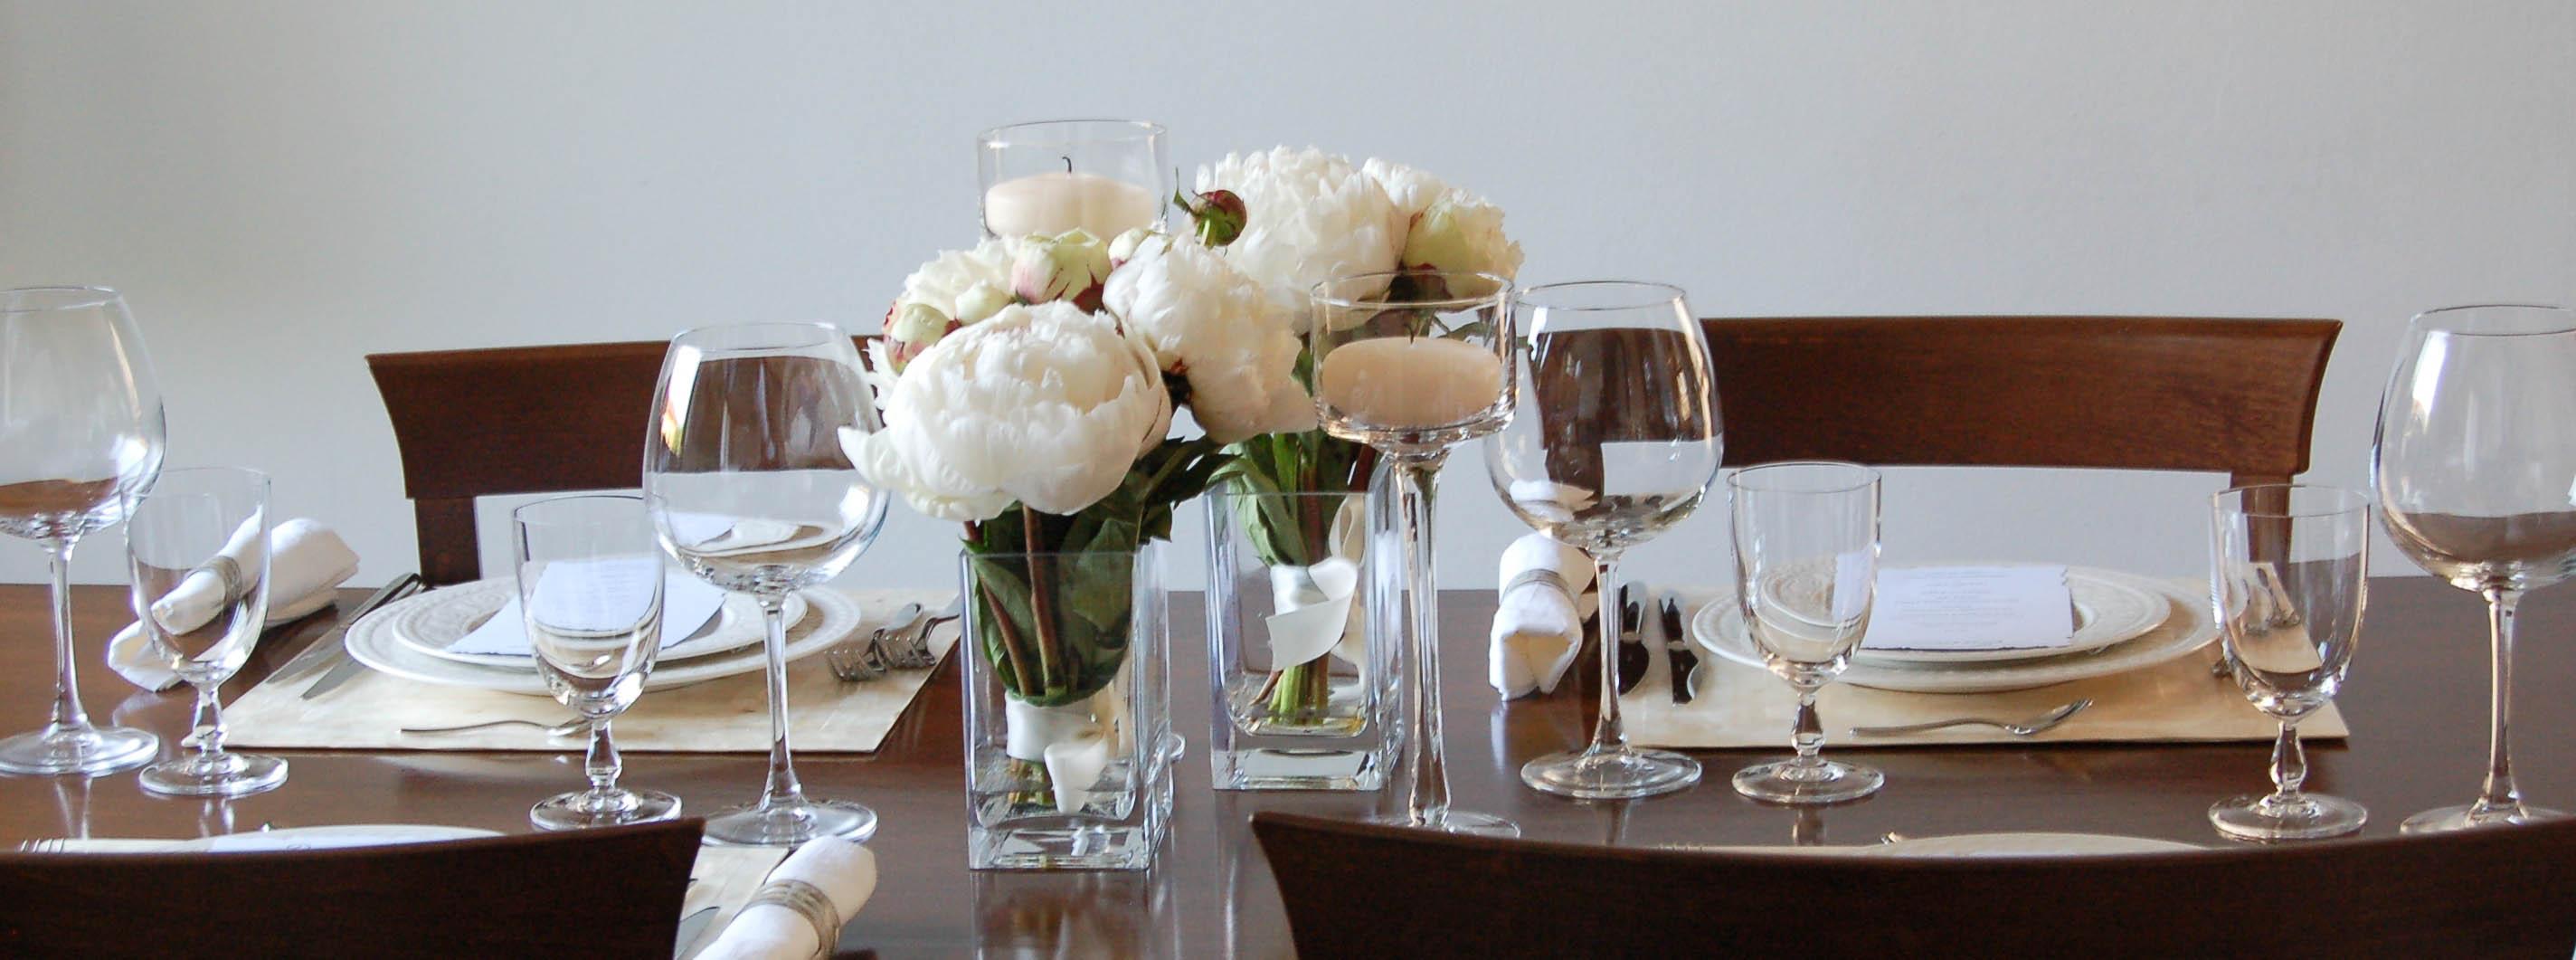 Allestimento appunti di matrimonio - A tavola con amici ...